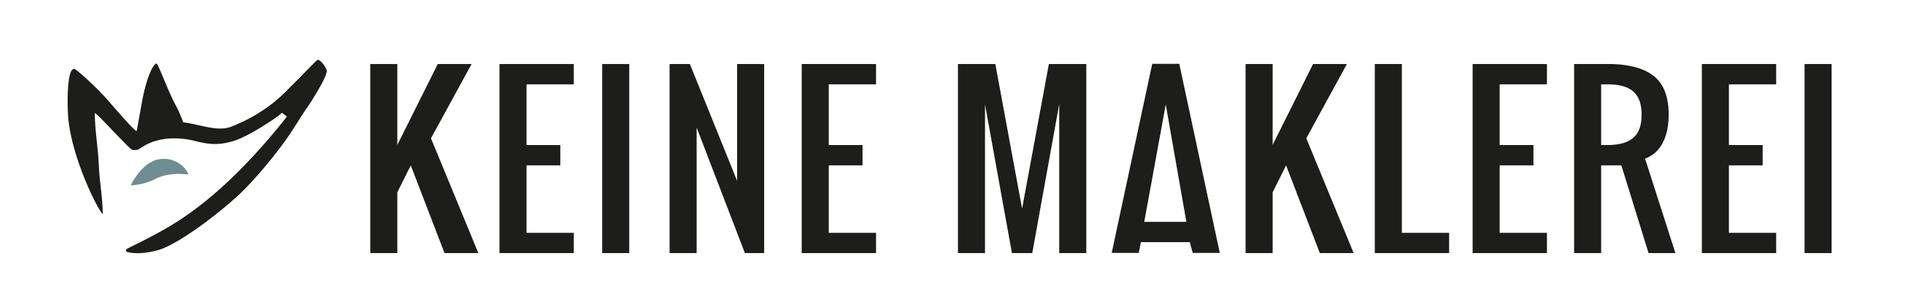 Makler KEINE MAKLEREI Kampf Bruckbög & Co. KG logo